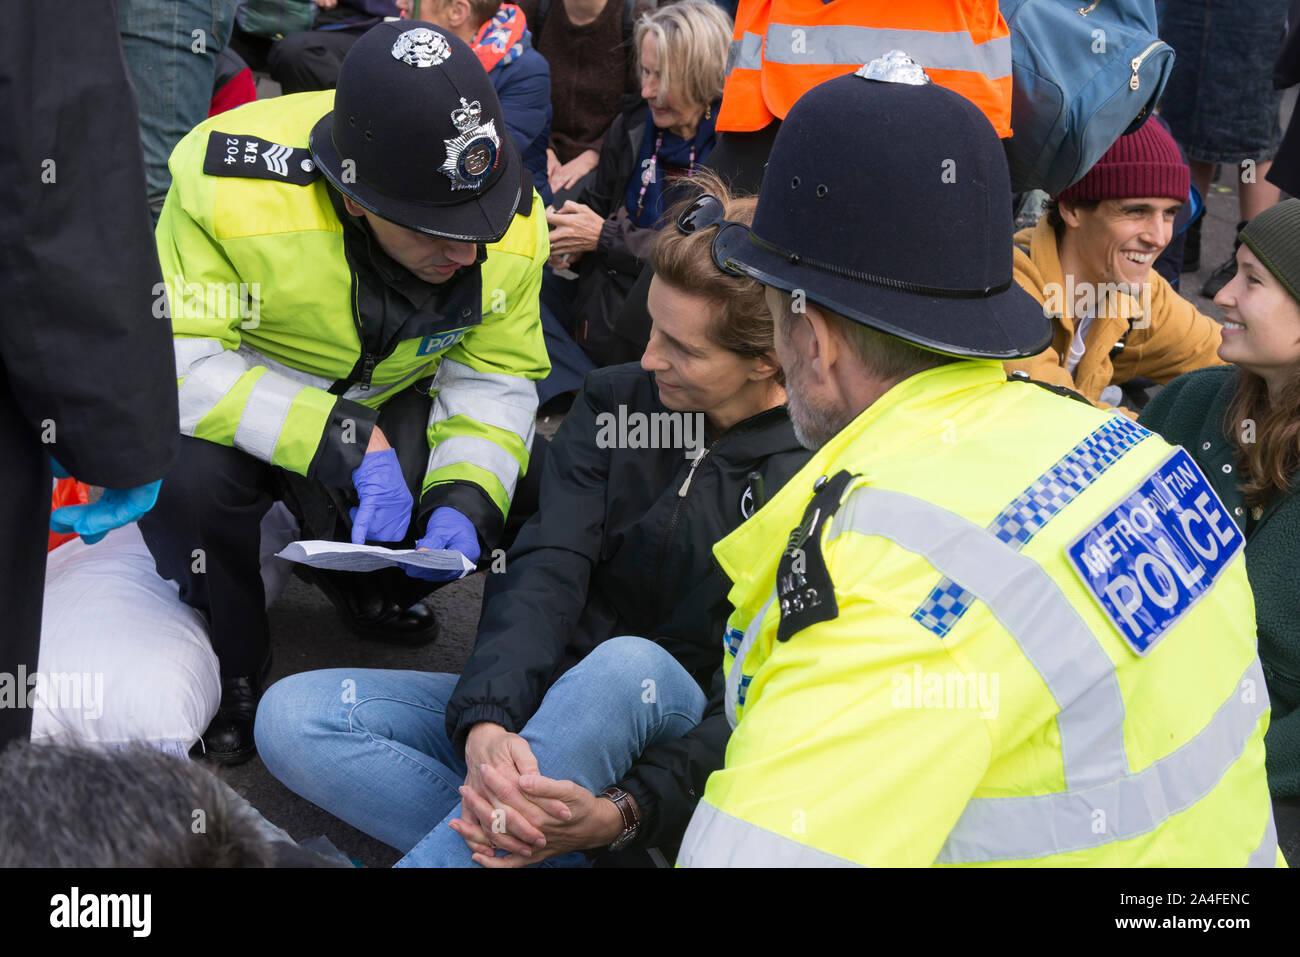 Rébellion d'extinction des protestations, Londres, Royaume-Uni, 2019 Banque D'Images